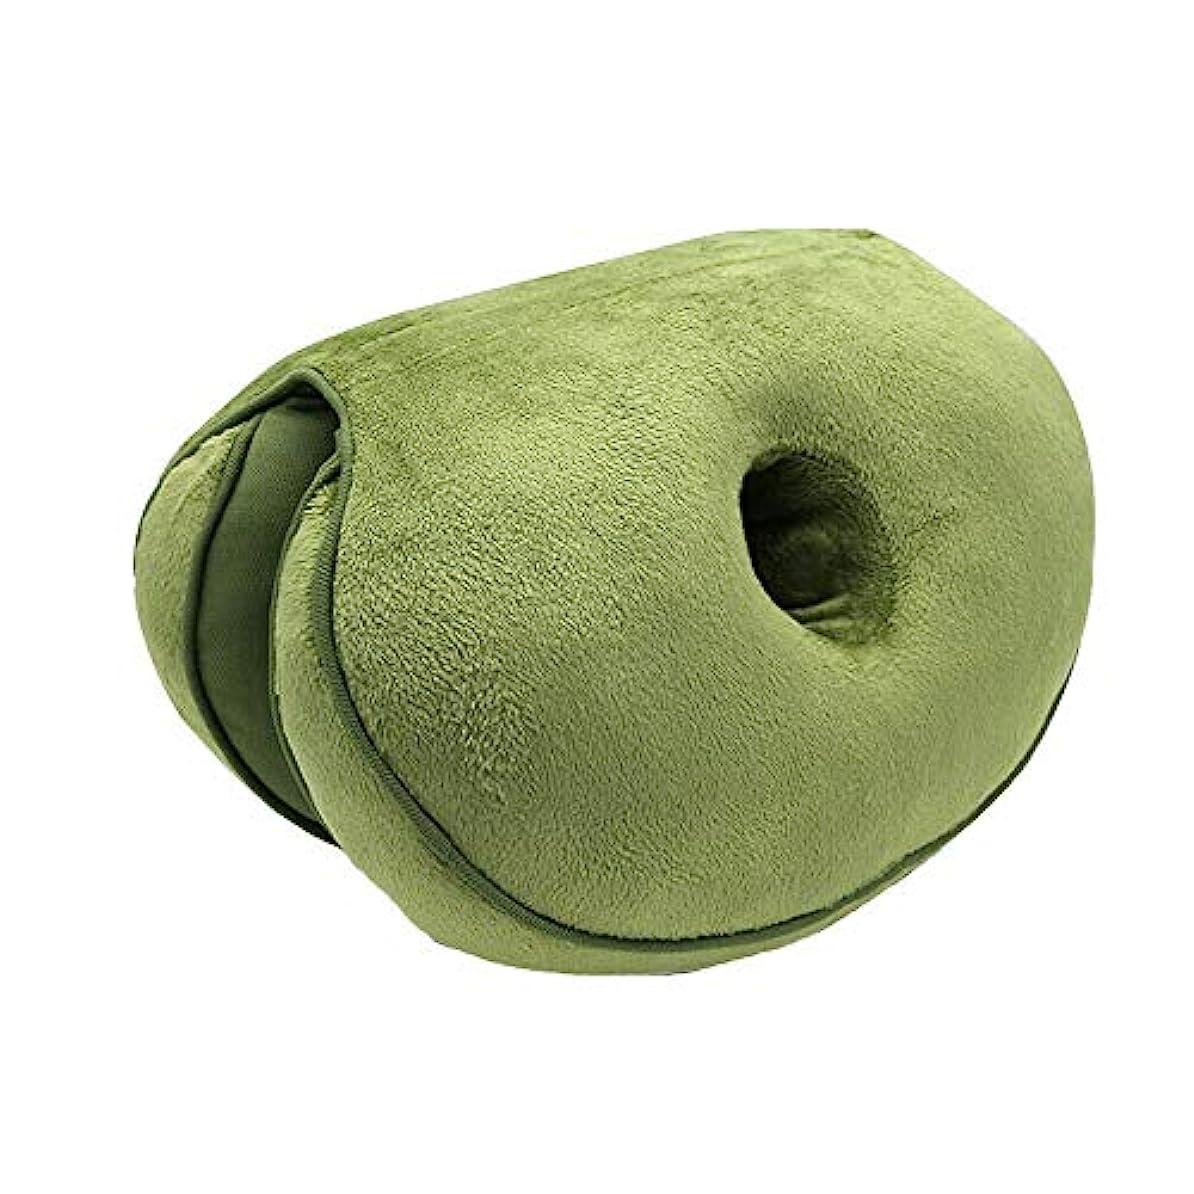 スモッグペネロペ保証するLIFE2019 新デュアルシートクッション低反発ラテックスオフィスチェアバックシートクッション快適な臀部マットパッド枕旅行枕女性女の子クッション 椅子